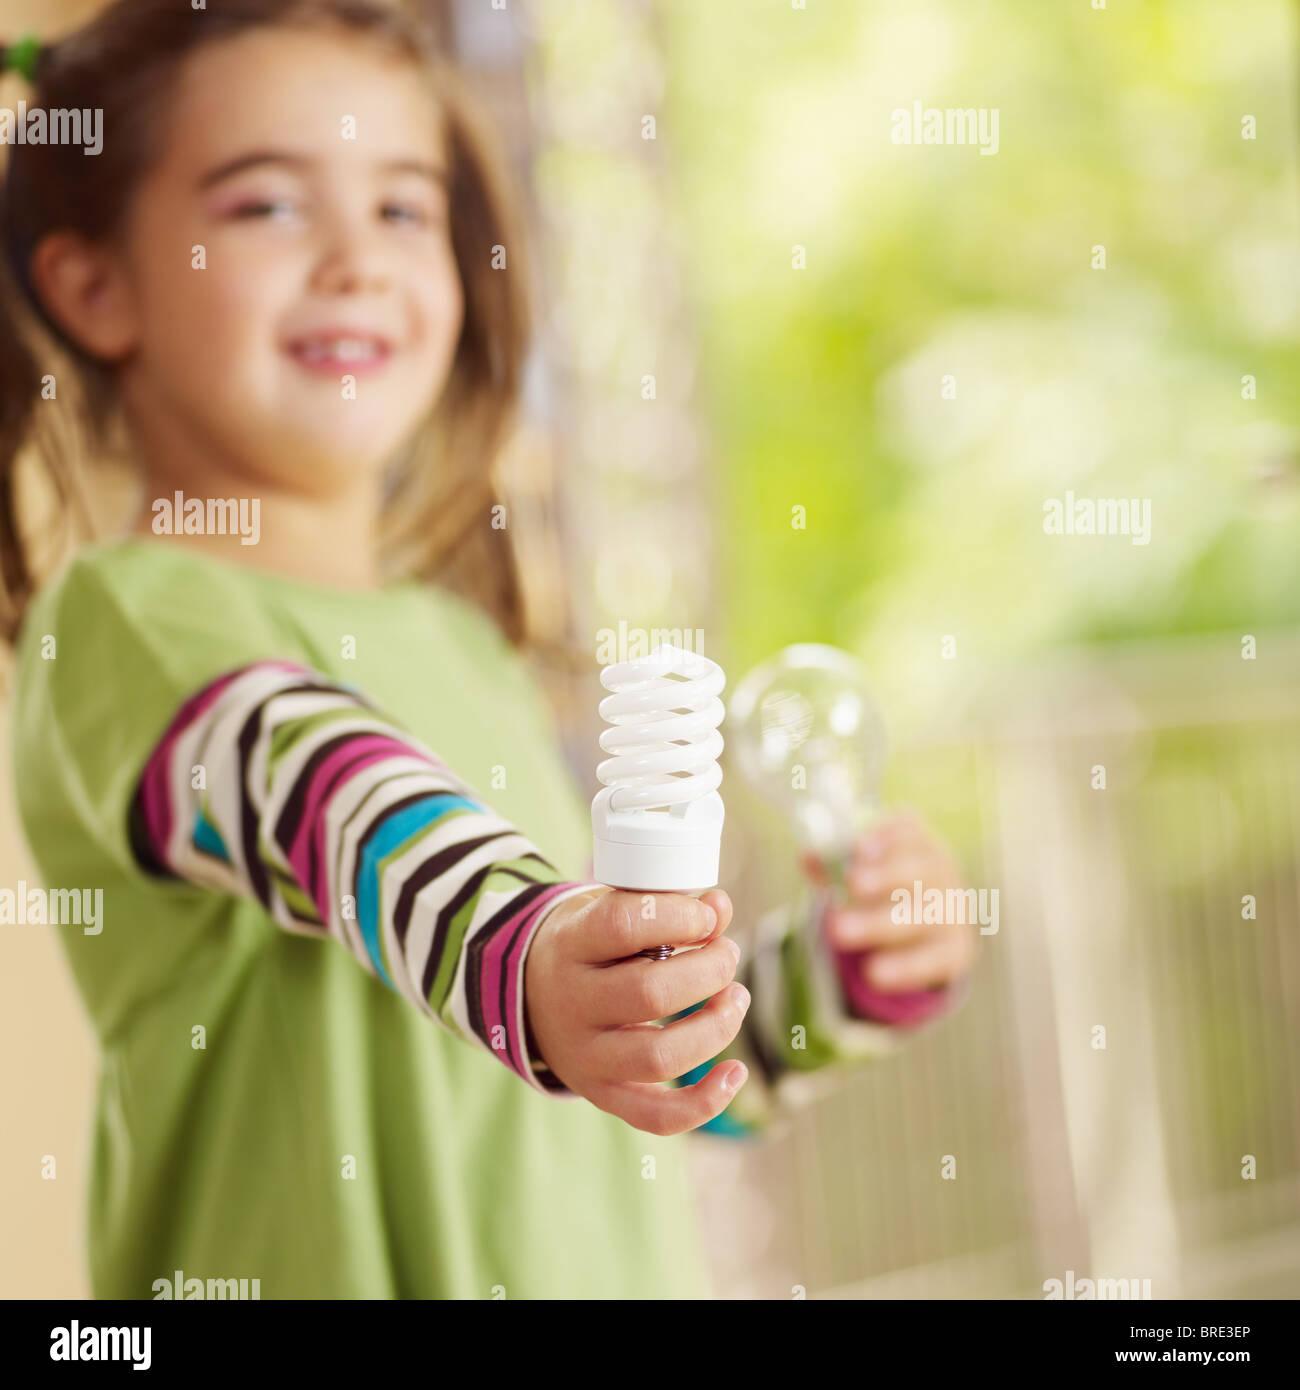 Mädchen hält die Glühbirne und lächelnd. Tiefenschärfe, Textfreiraum Stockbild